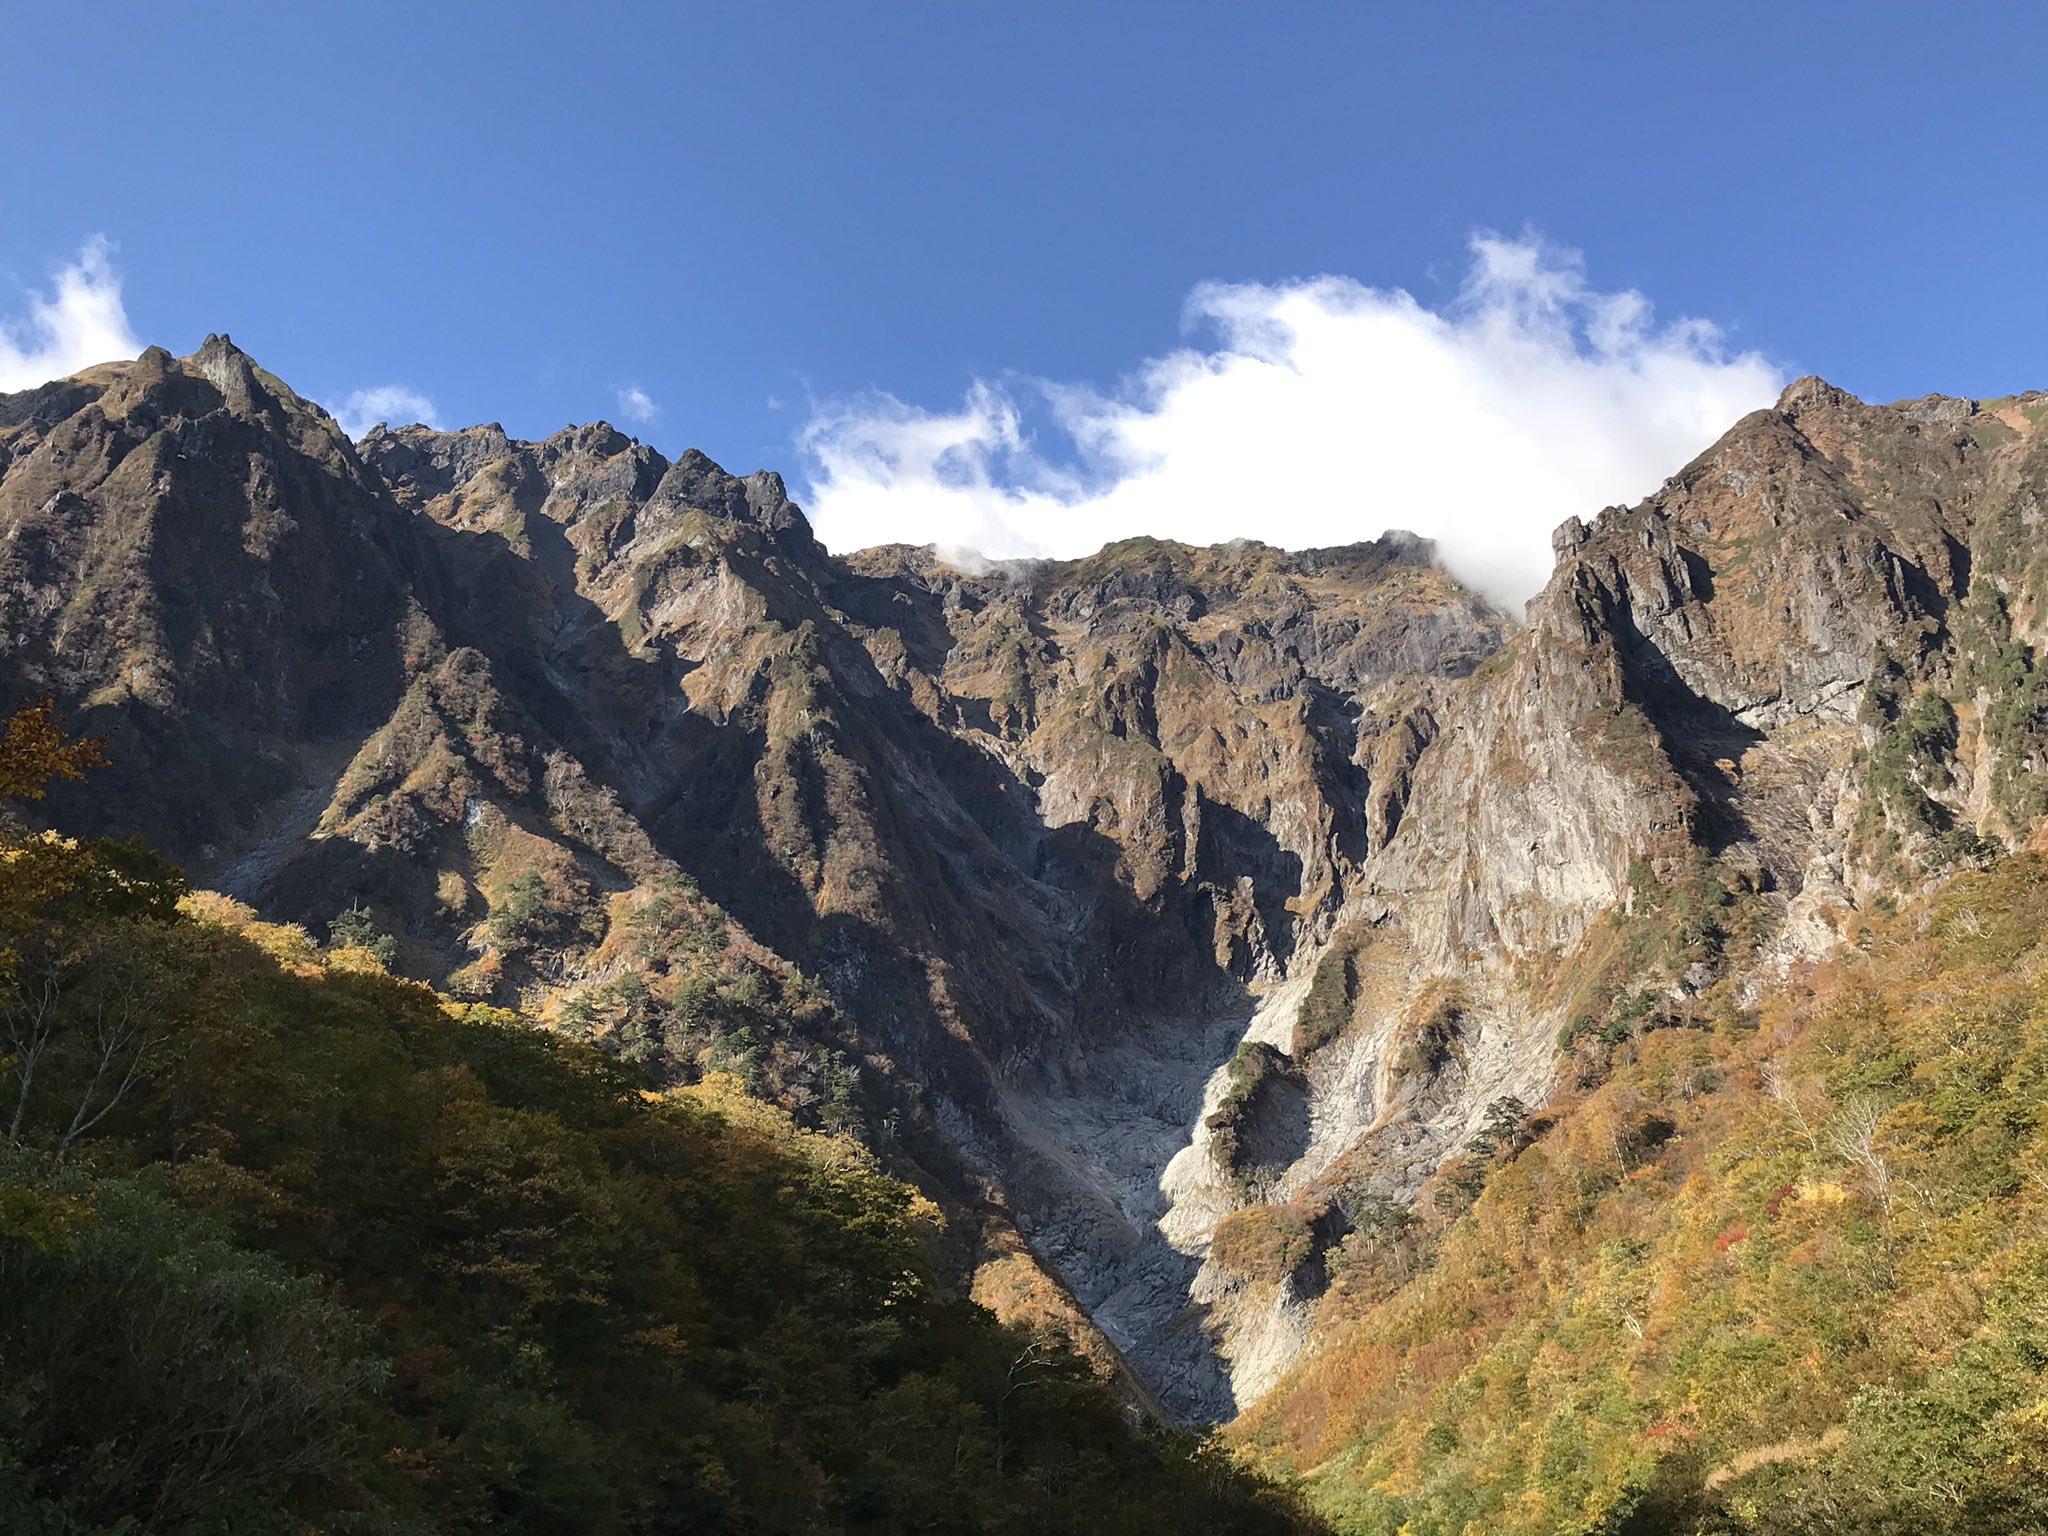 ⛰谷川岳⛰  (10/21)  今朝8時頃 一ノ倉沢からの谷川岳⛰ https://t.co/PIDb02fBPO